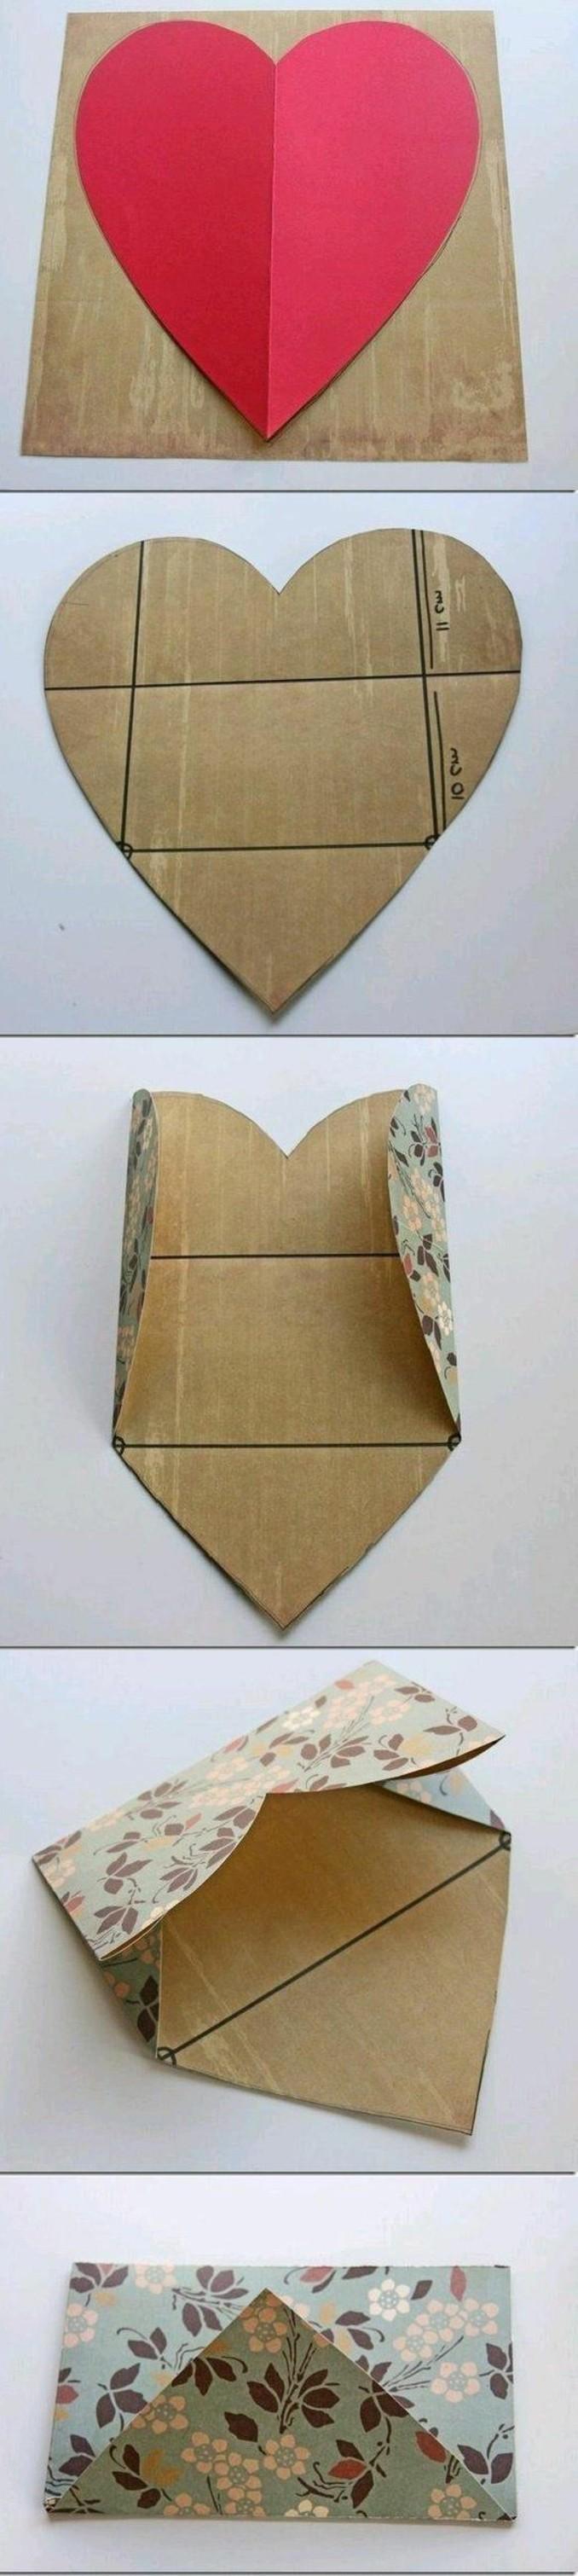 patron-enveloppe-en-forme-de-coueur-idee-de-pliage-enveloppe-pour-saint-valentin